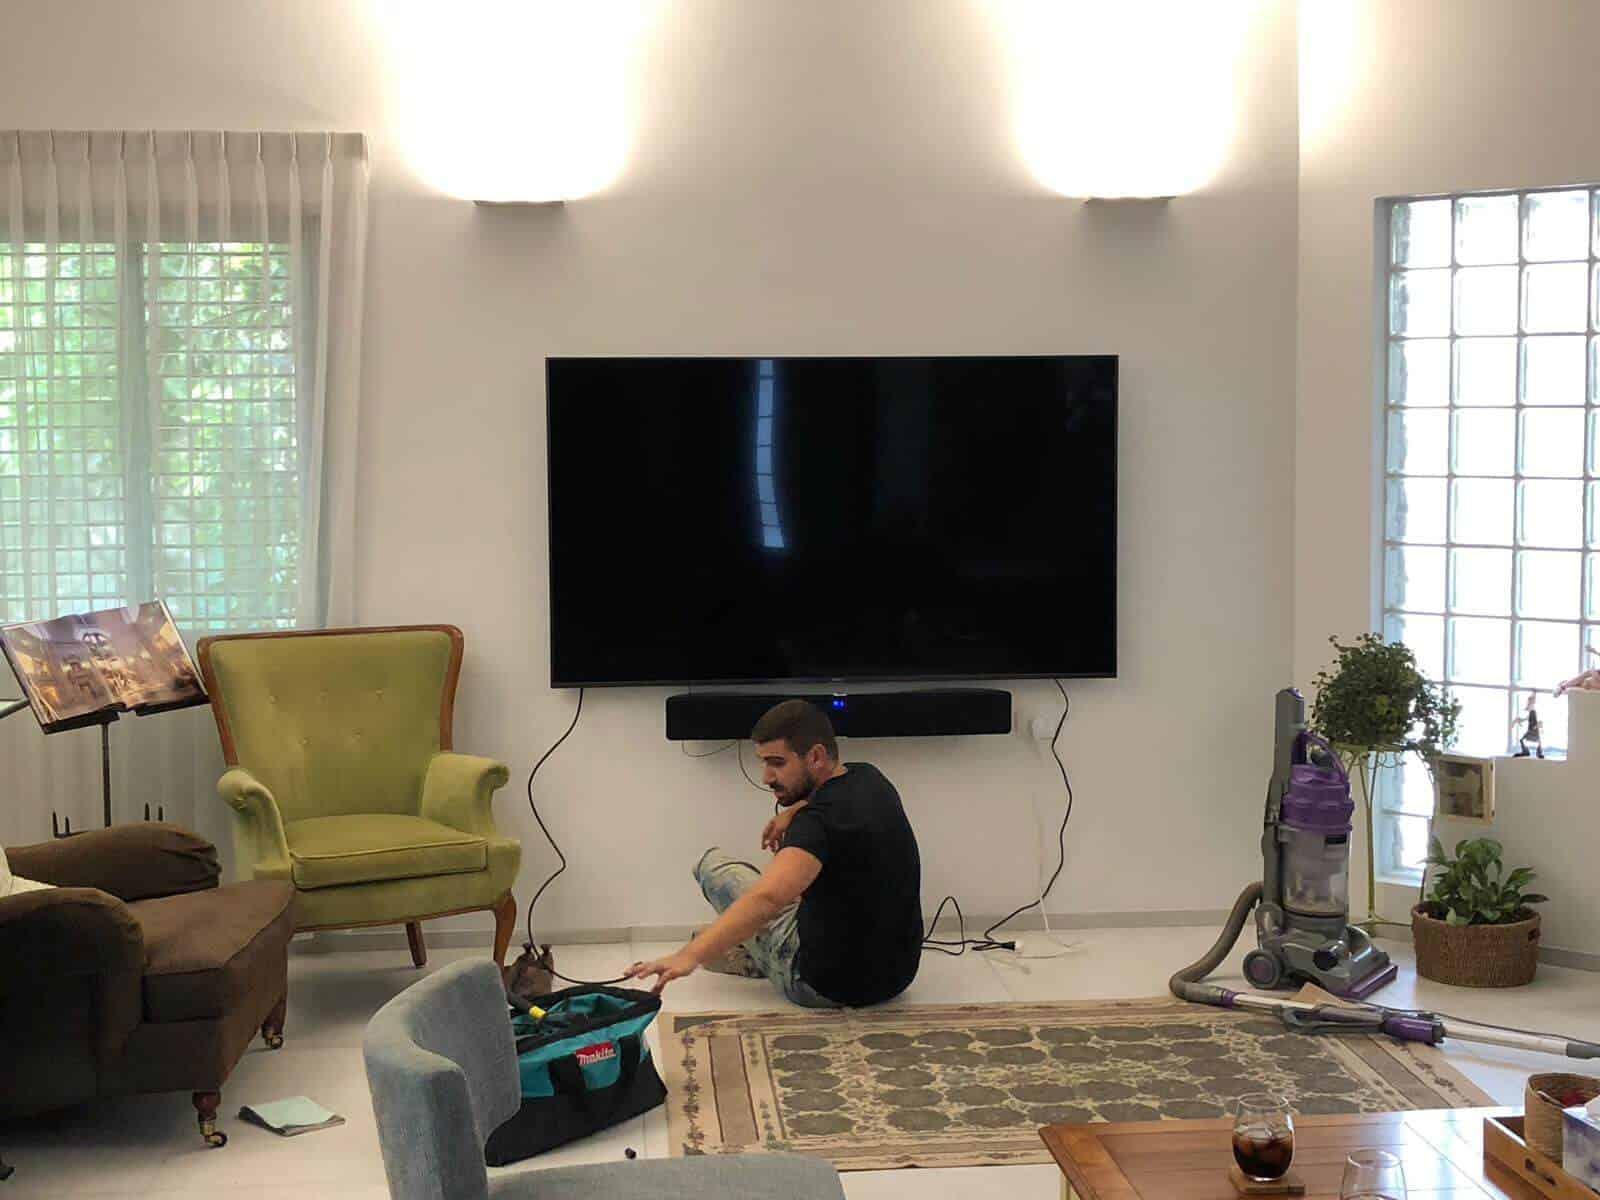 תמונת גלריה הגדול בהתקנות מתקין טלוויזיות מקצועי עם יחס אישי 9